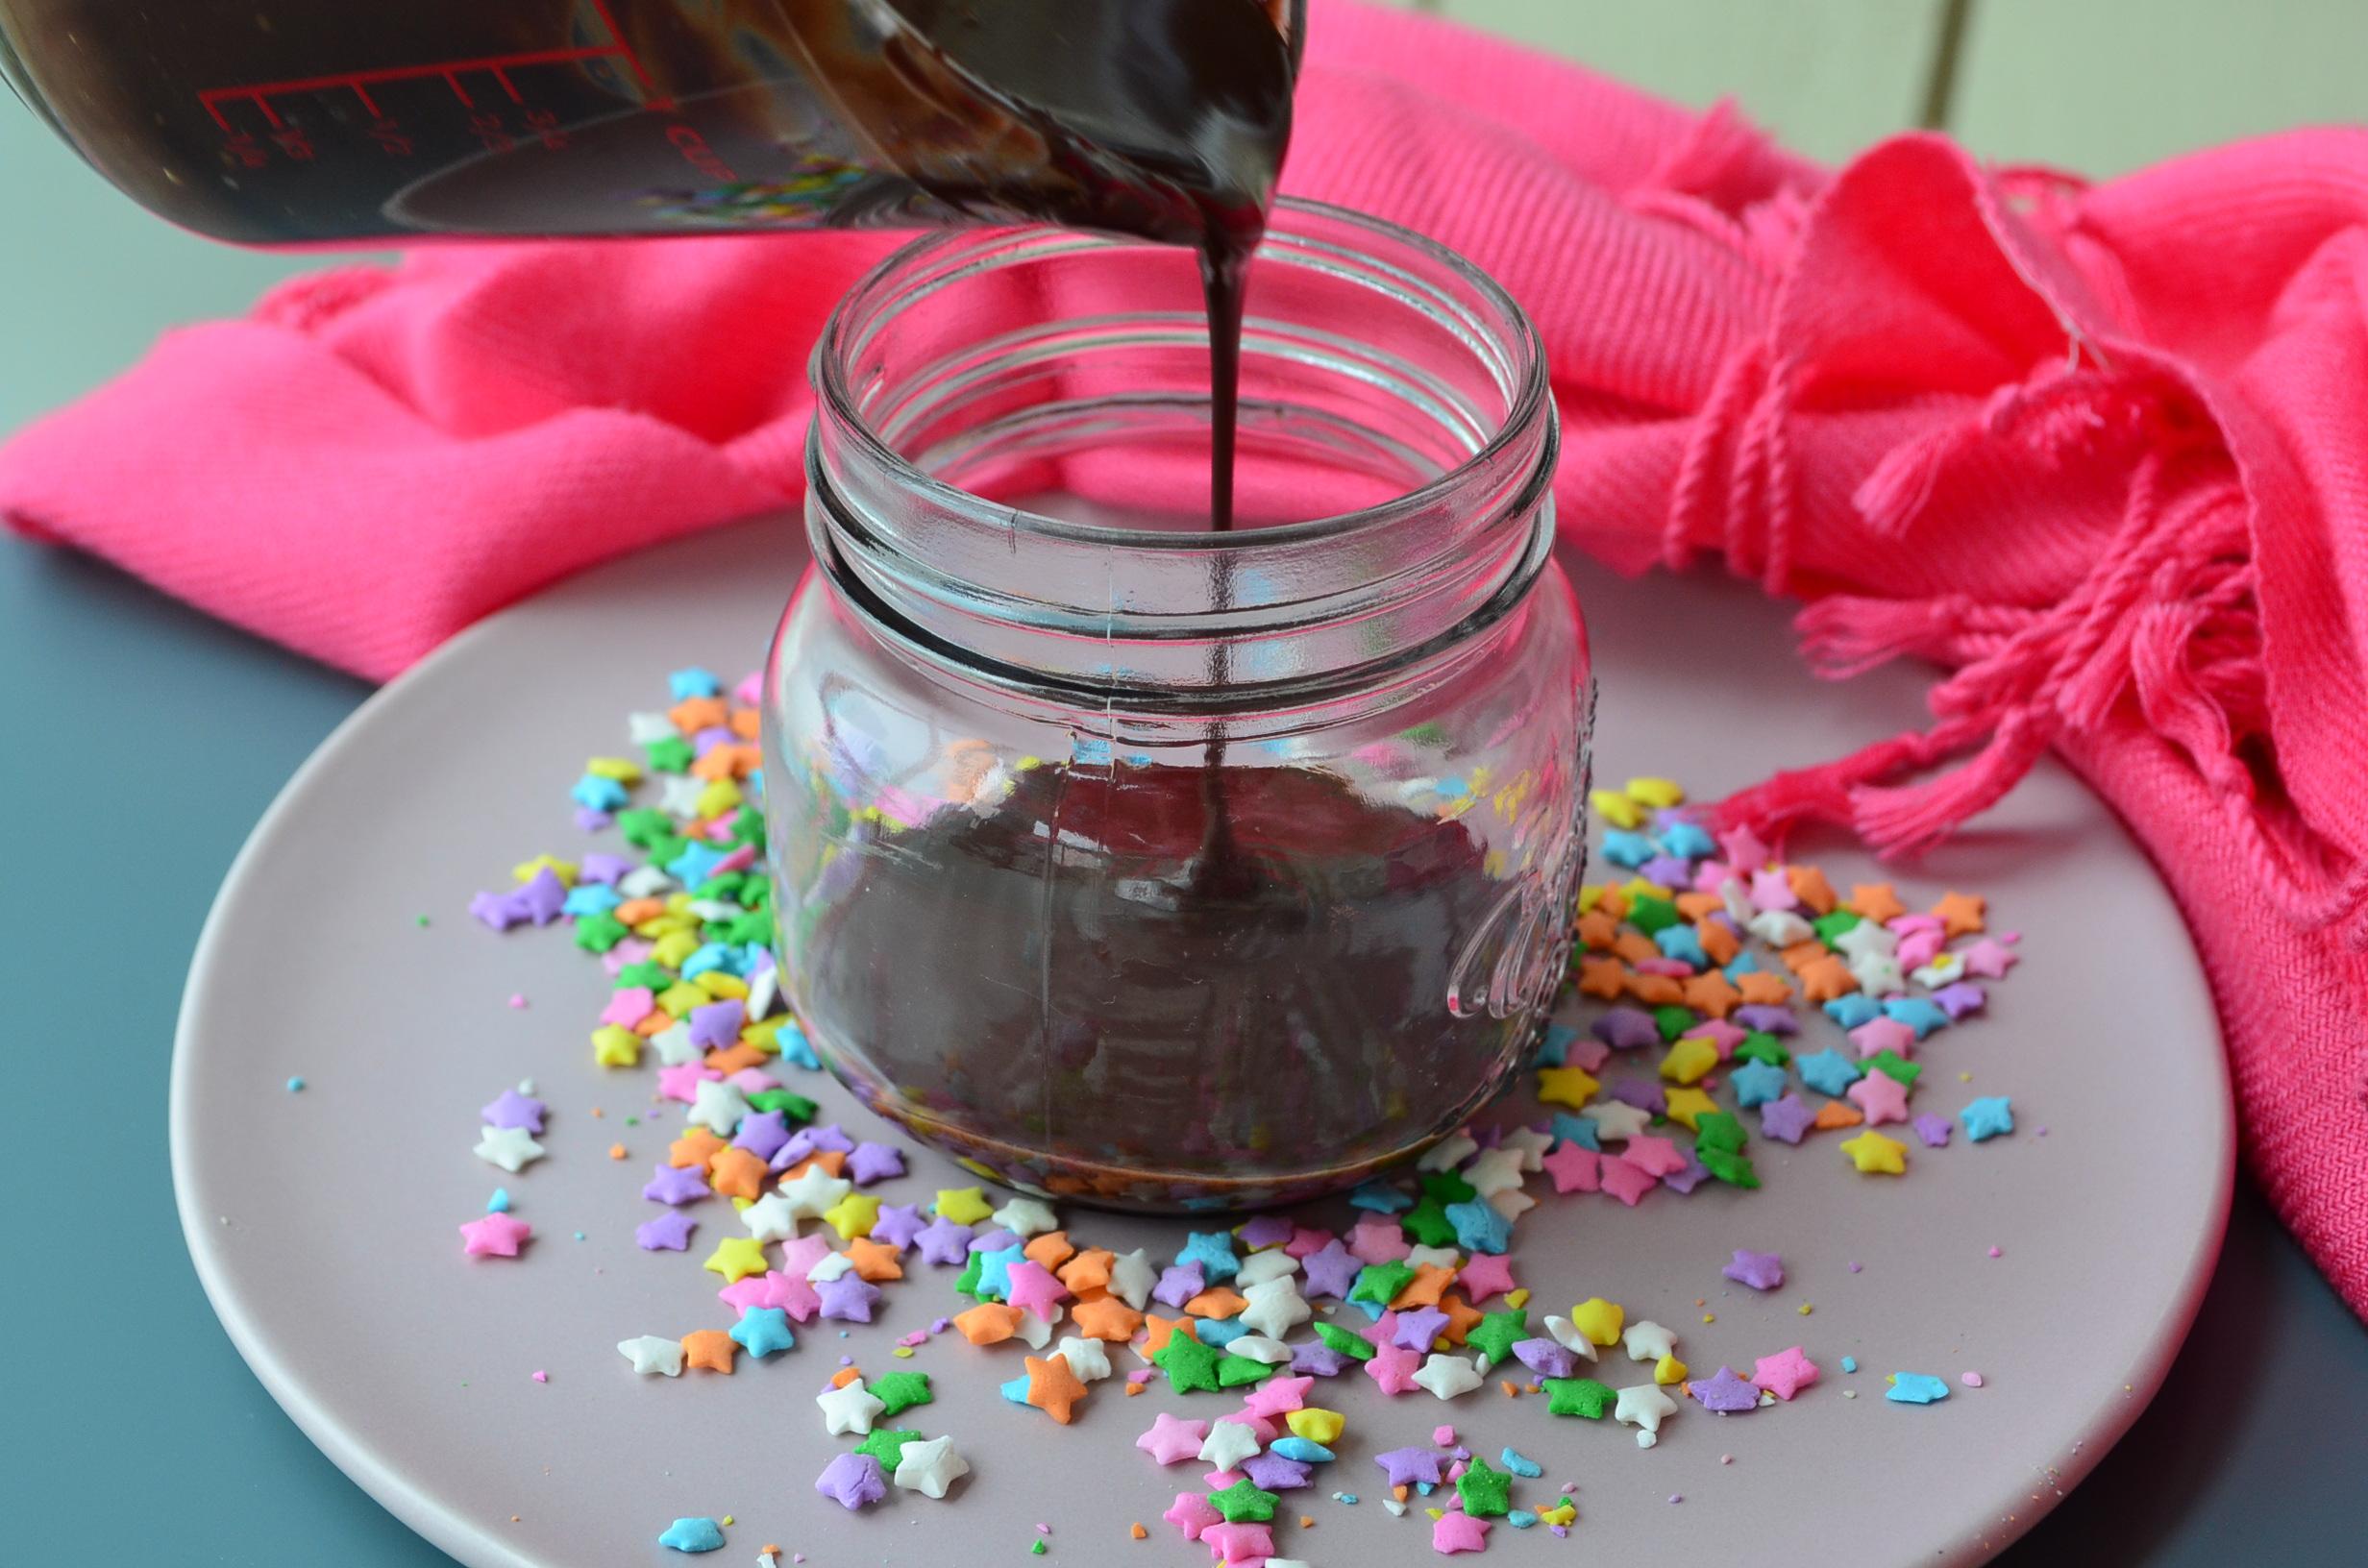 How To Make Chocolate Ganache